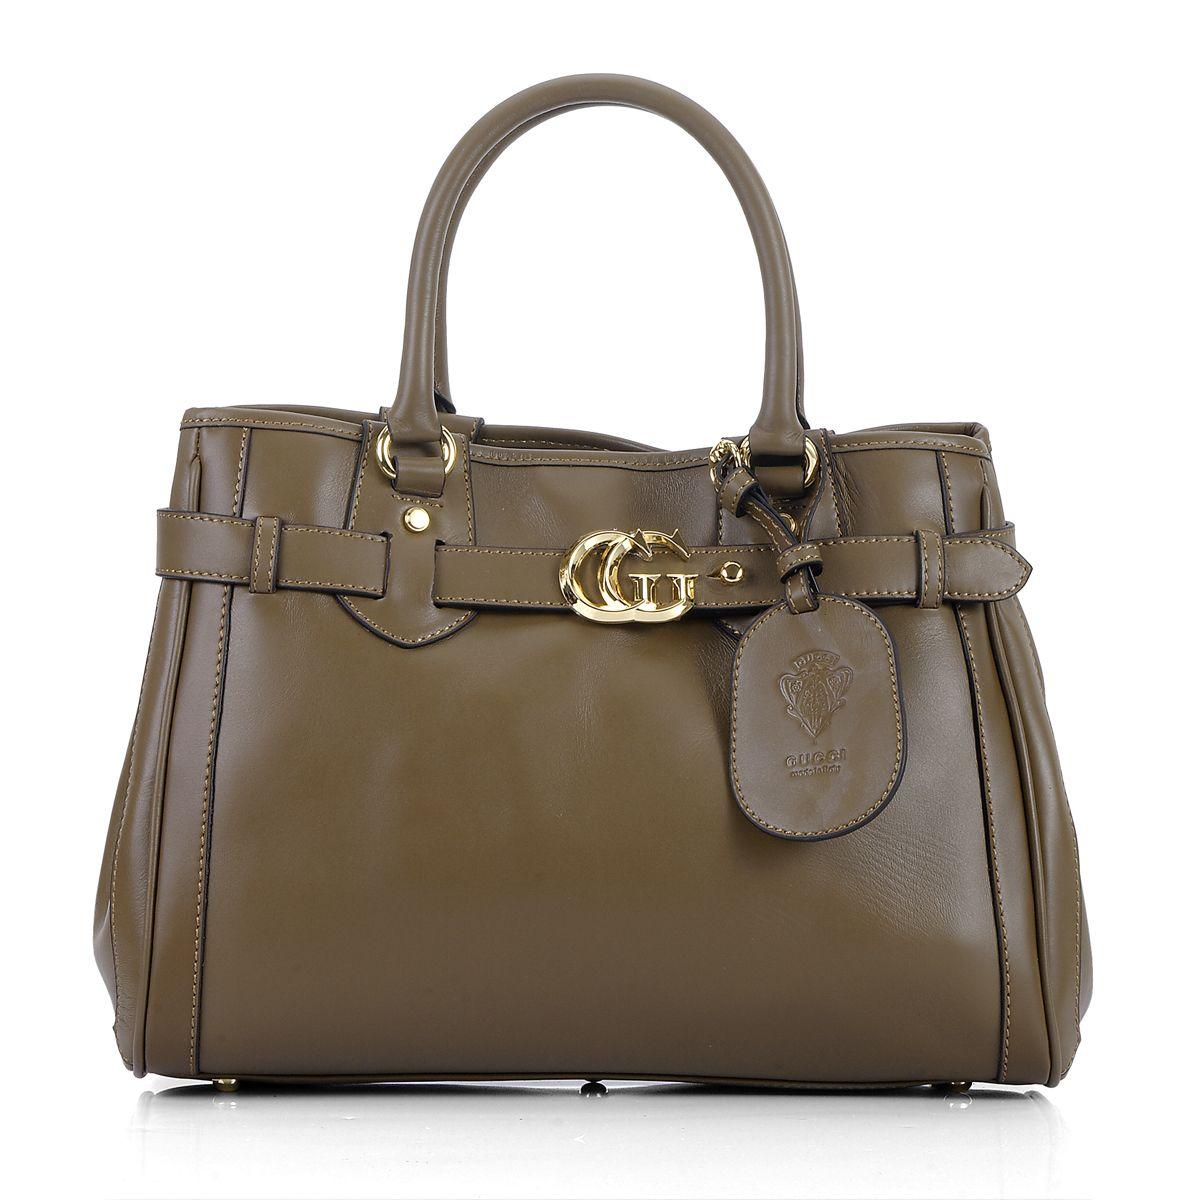 Wonderful Gallery Gt Fashion Gt Women Handbags Gt Women Handbags High Quality Fr